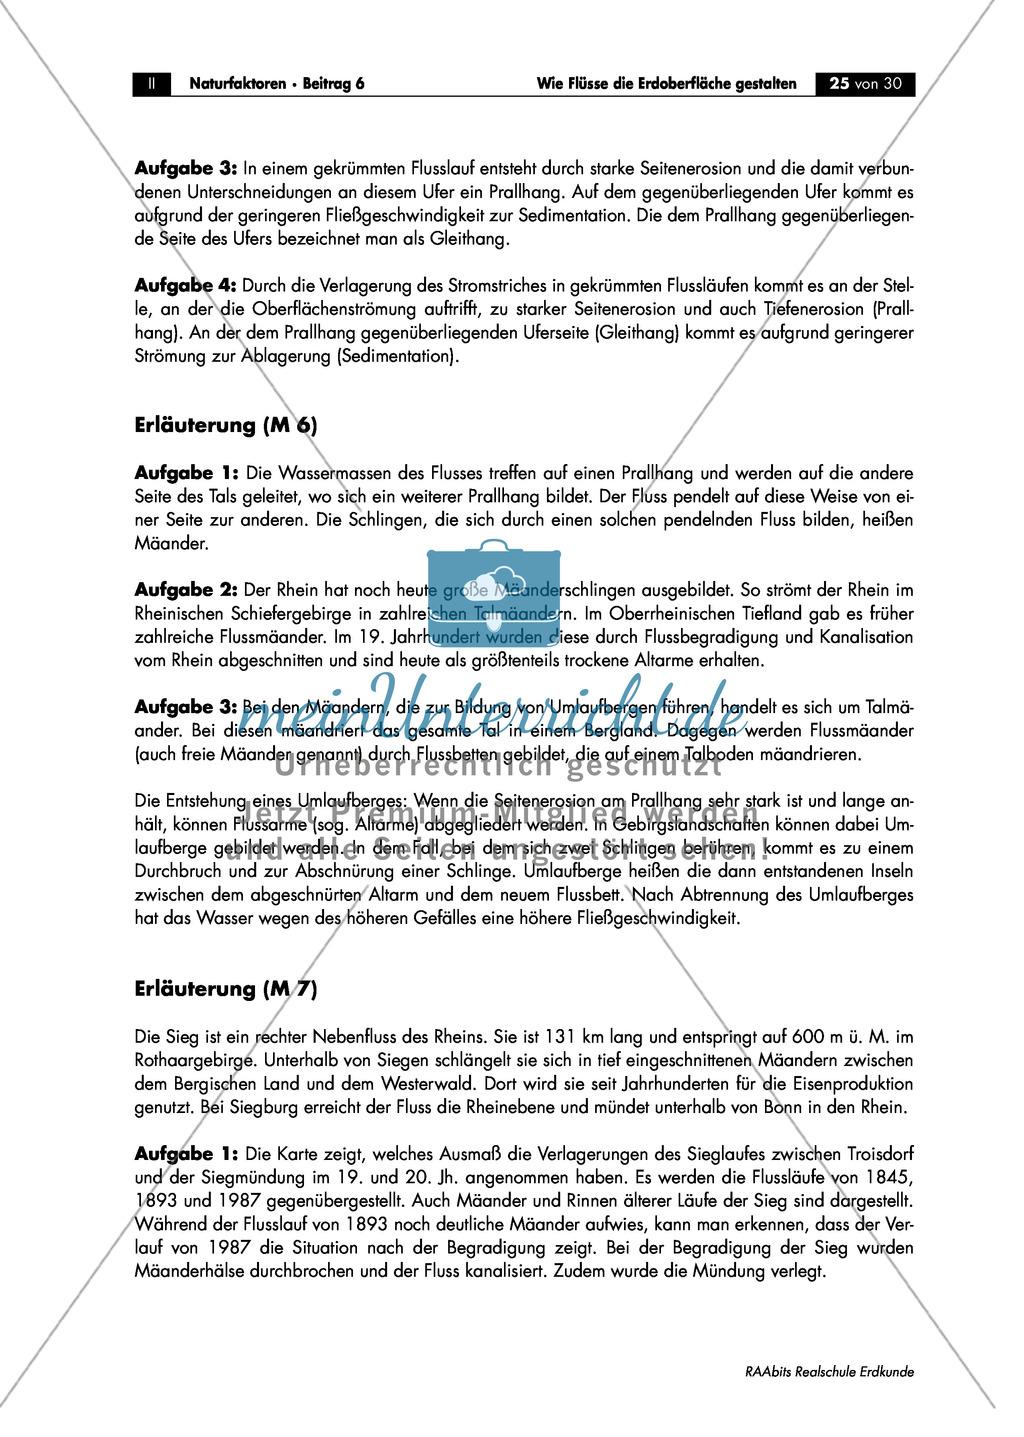 Flussdynamik- und Morphologie am Beispiel des Rheins: Prall- und Gleithang + Mäander + Altarme + Talformen + Flussmündungen Preview 12